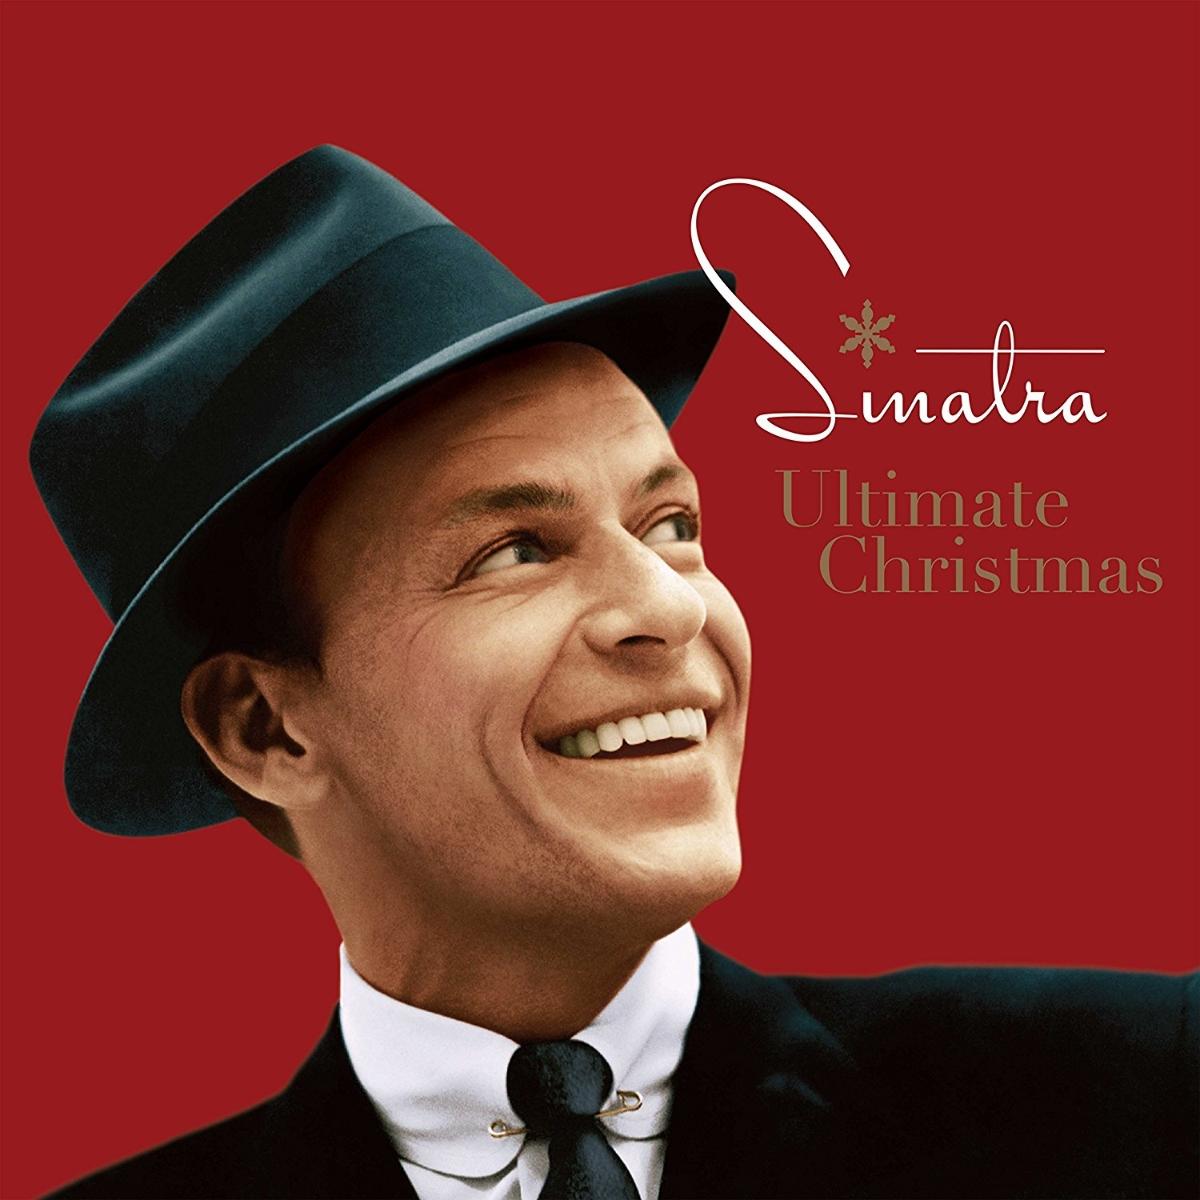 楽天ブックス 【輸入盤】アルティメイト・クリスマス(アナログ盤) Frank Sinatra